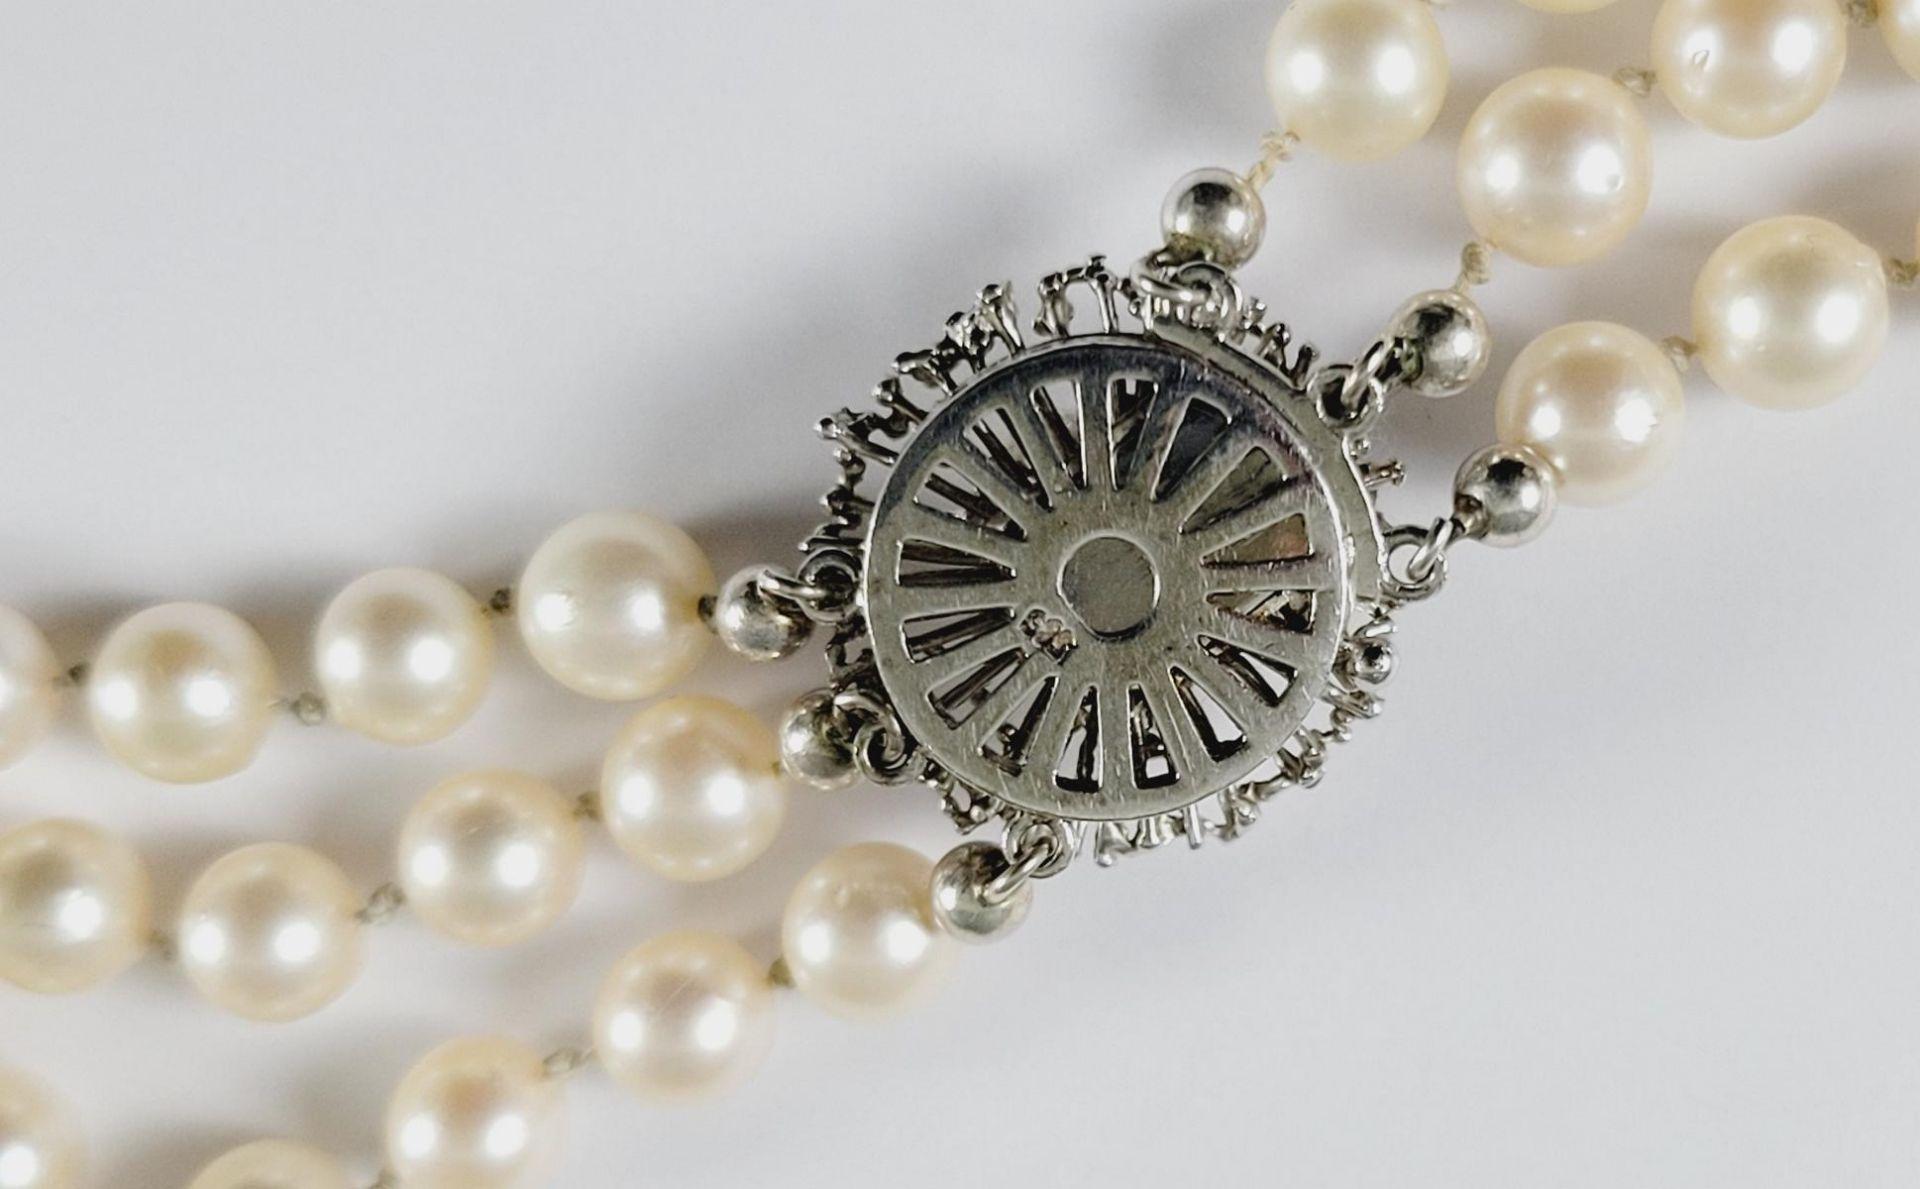 Perlenkette mit 14 Karat Weißgoldschließe - Bild 2 aus 2